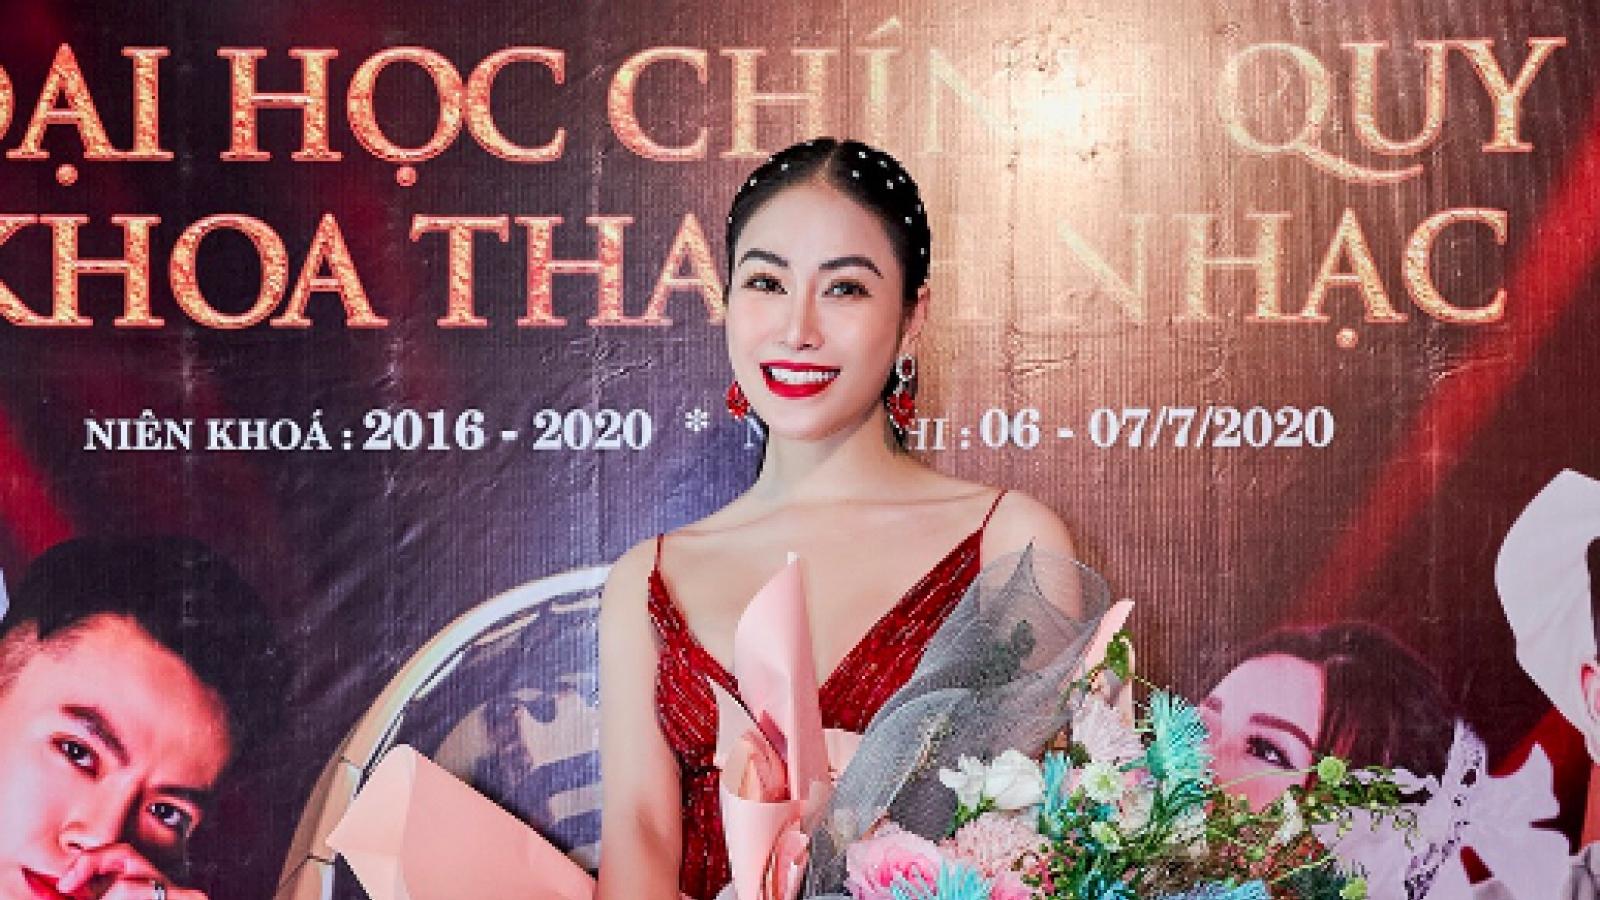 Hoa hậu Tuyết Nga xinh đẹp rạng rỡ trong ngày tốt nghiệp Đại học